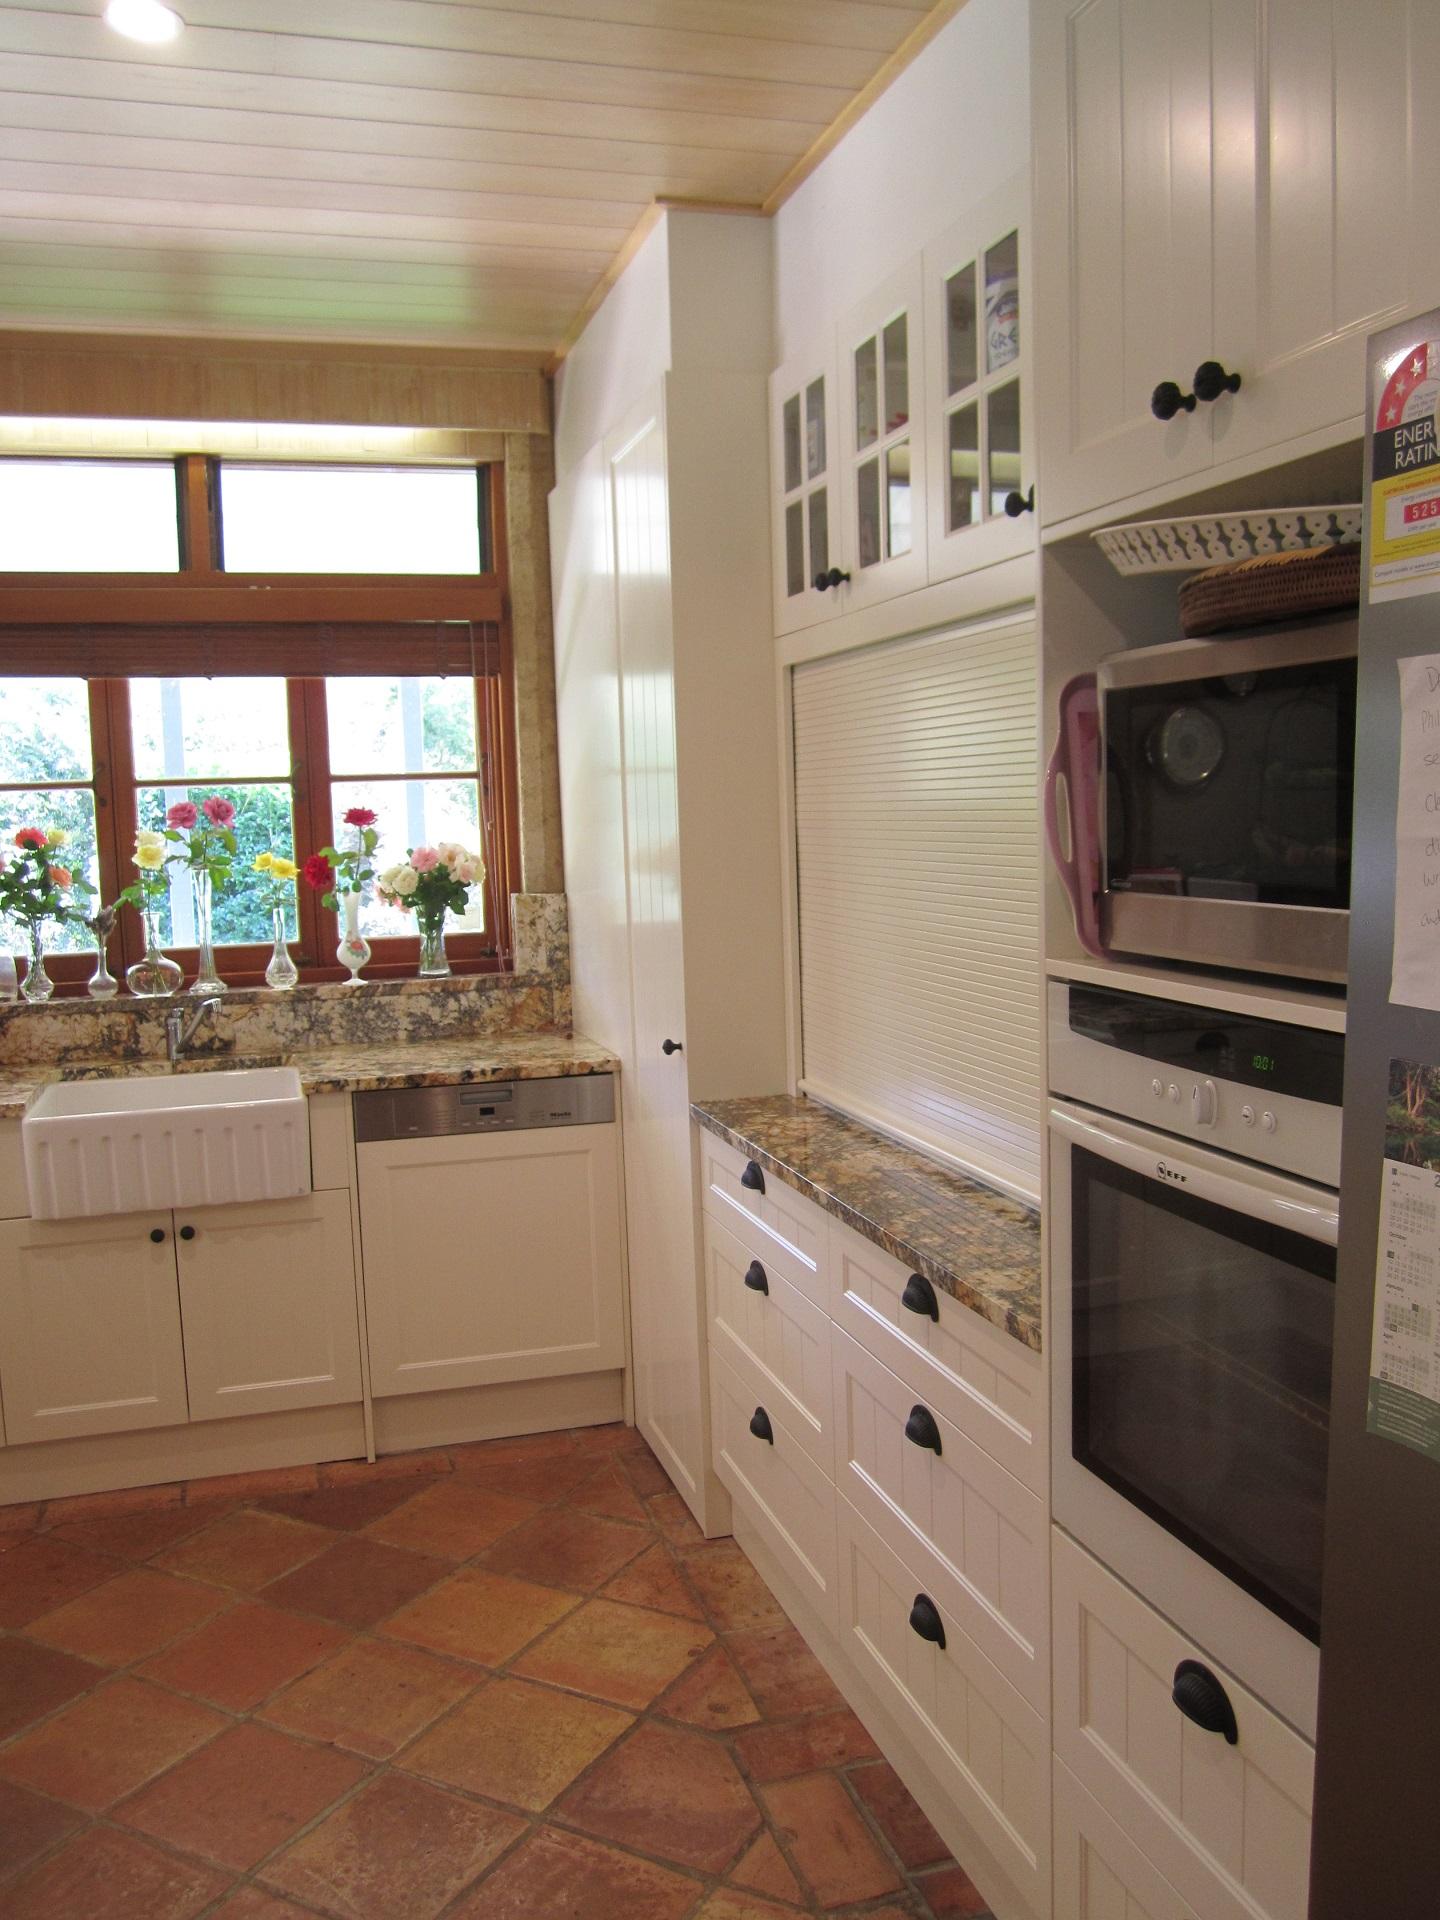 Brisbane Kitchen Design Samford Traditional Kitchen Renovation Appliance Cupboard Roller Shutter Door